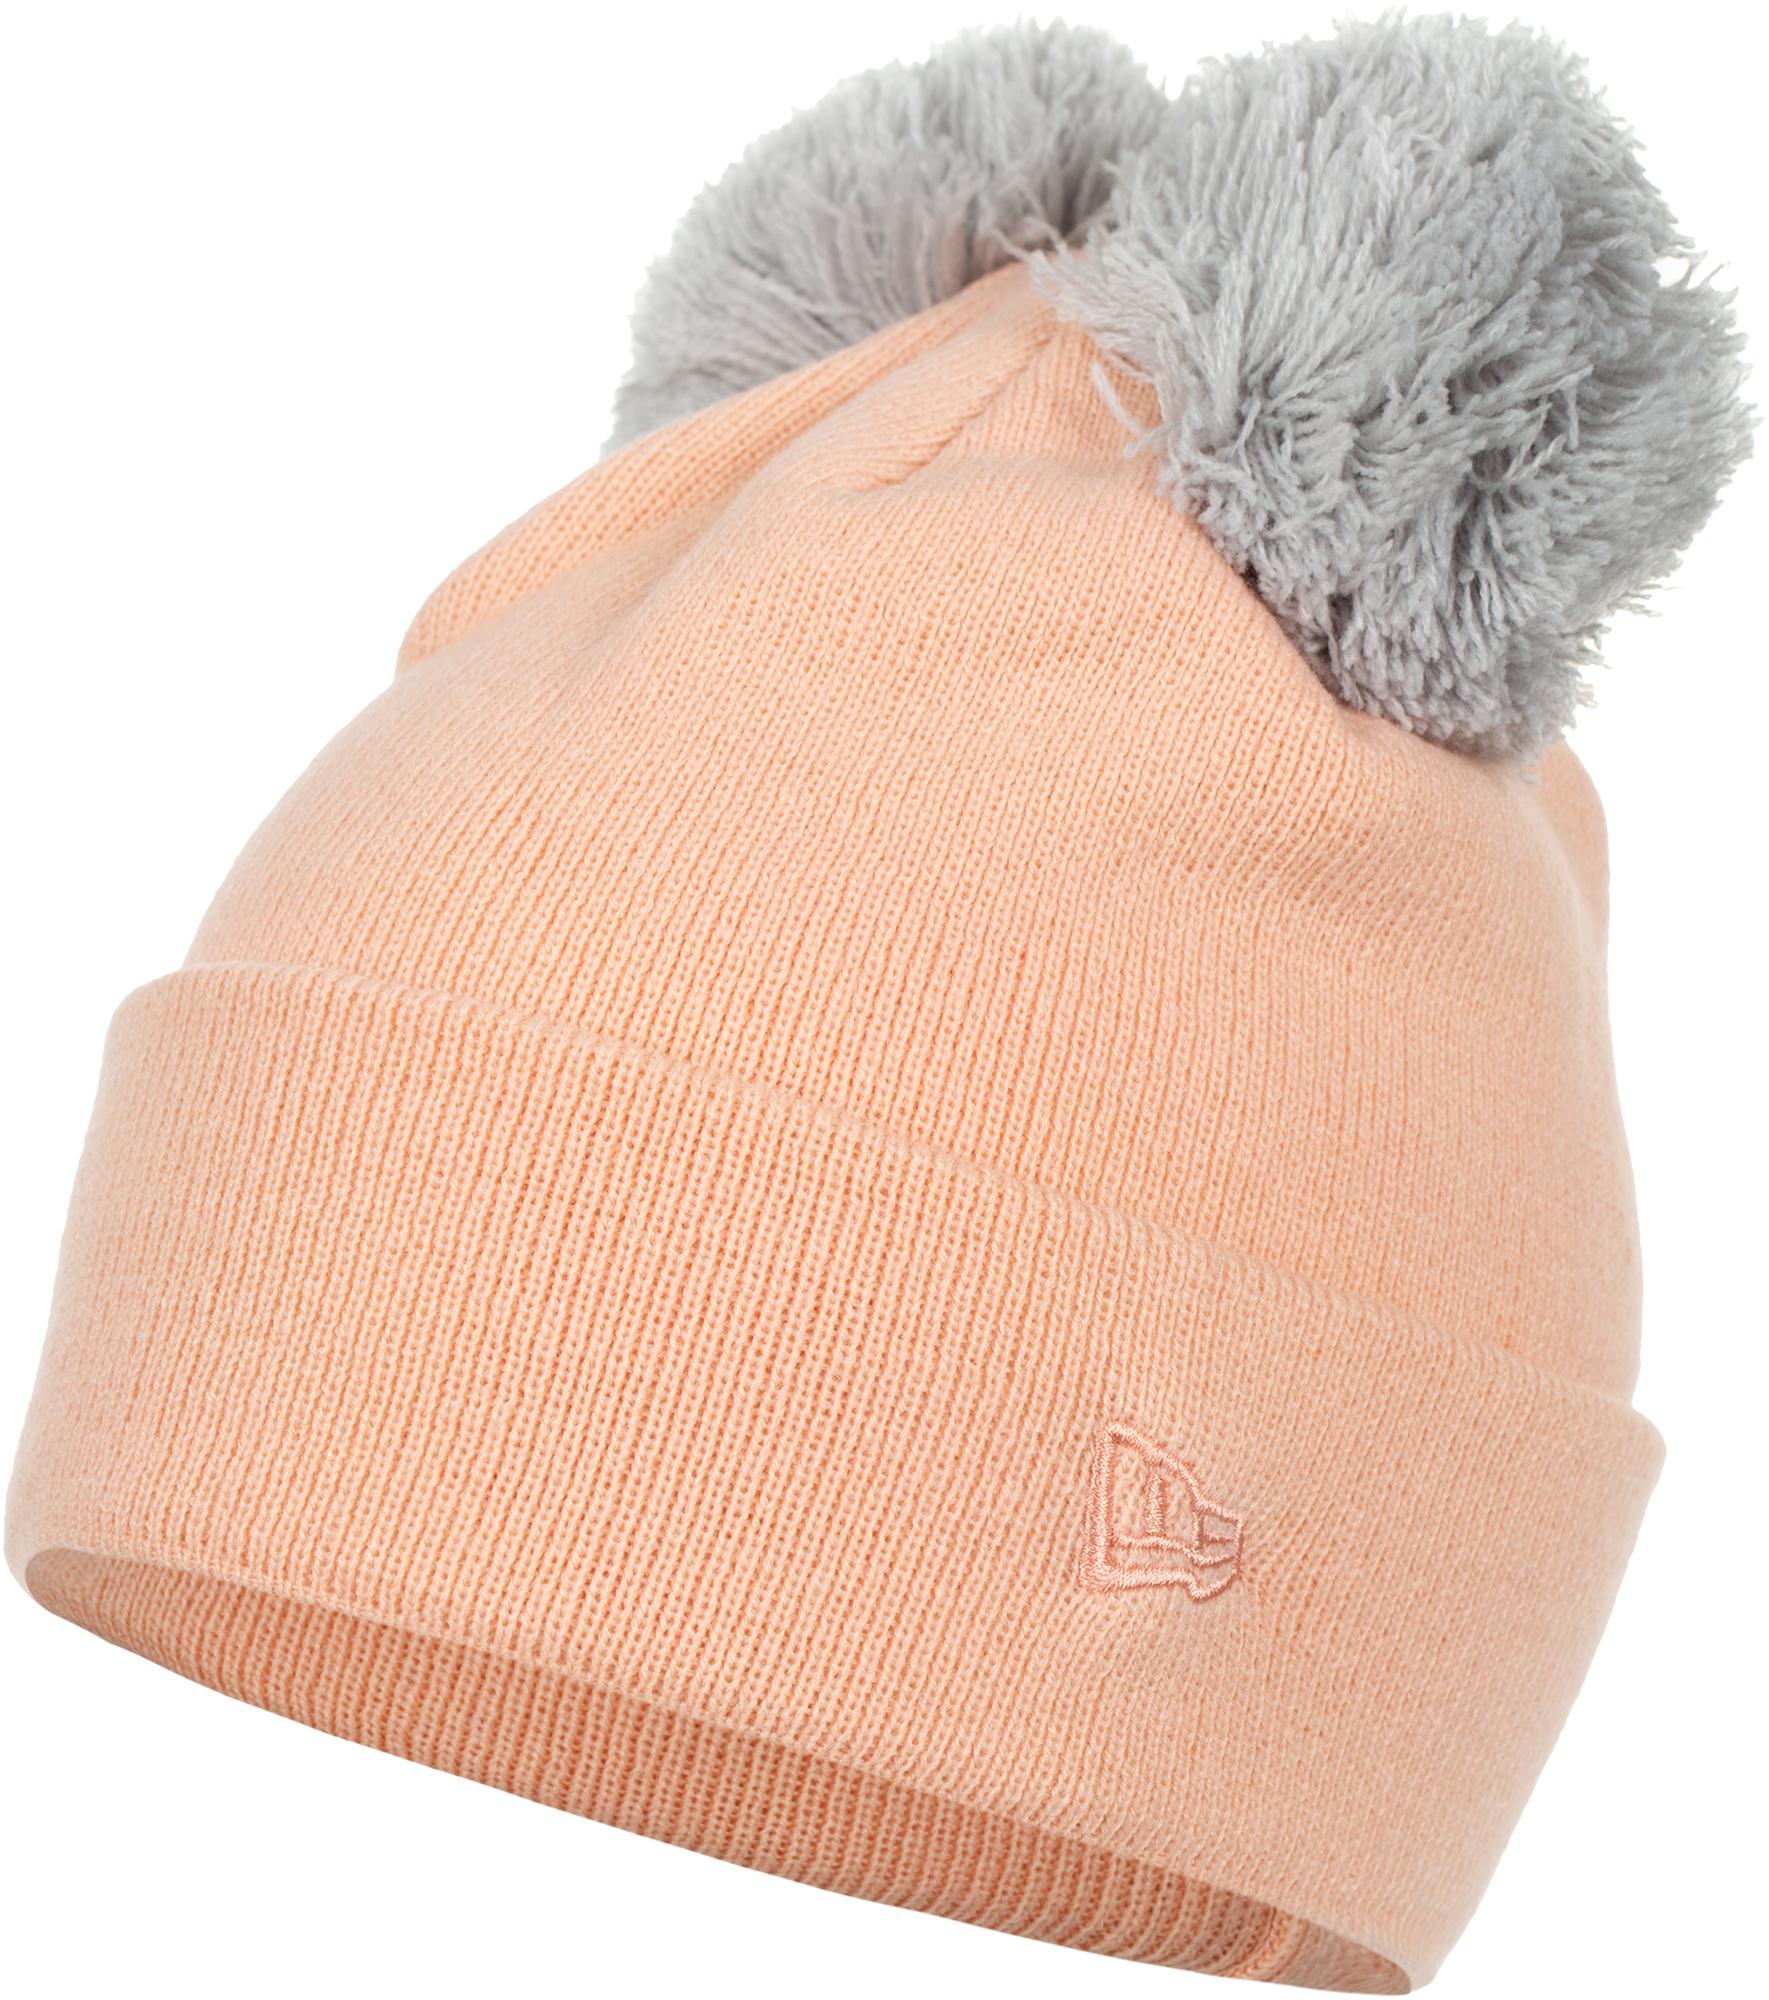 New Era Шапка женская New Era Double Pom Cuff Knit new era шапка new era lic 801 essential cuff knit размер без размера